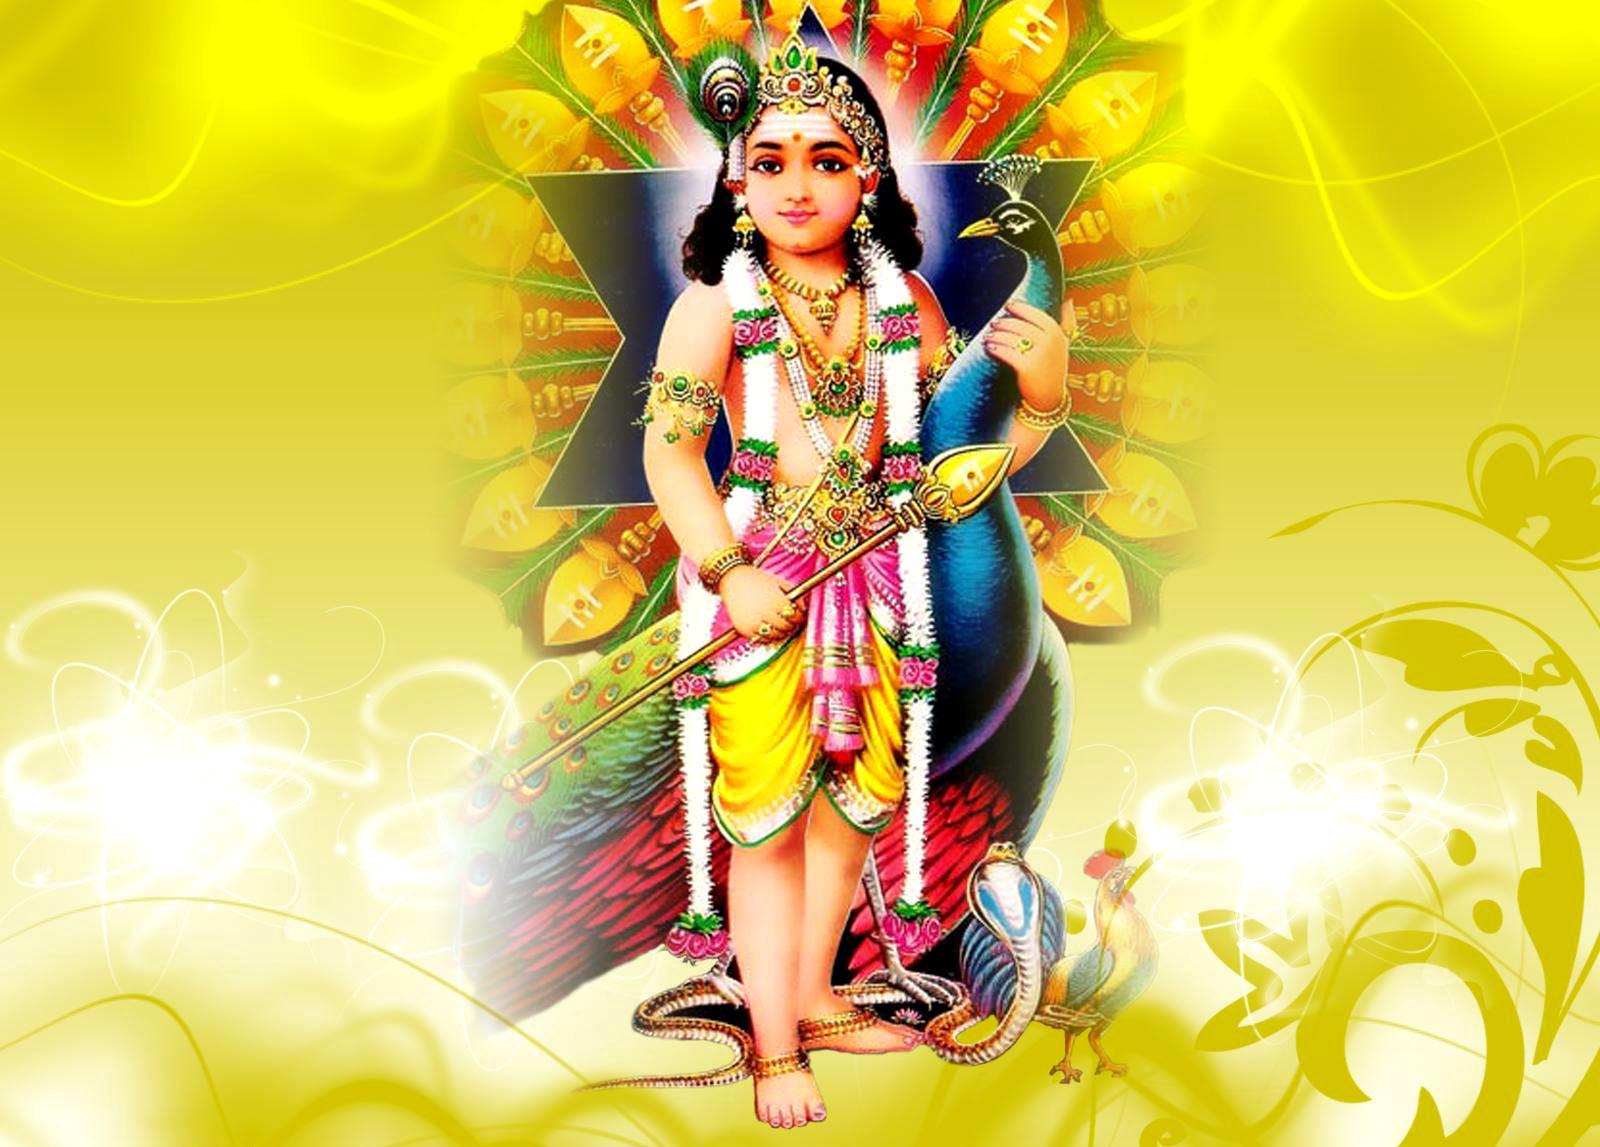 திருச்செந்தூர் ஸ்ரீ ஷண்முக ஸ்தோத்ரம் - தமிழில்